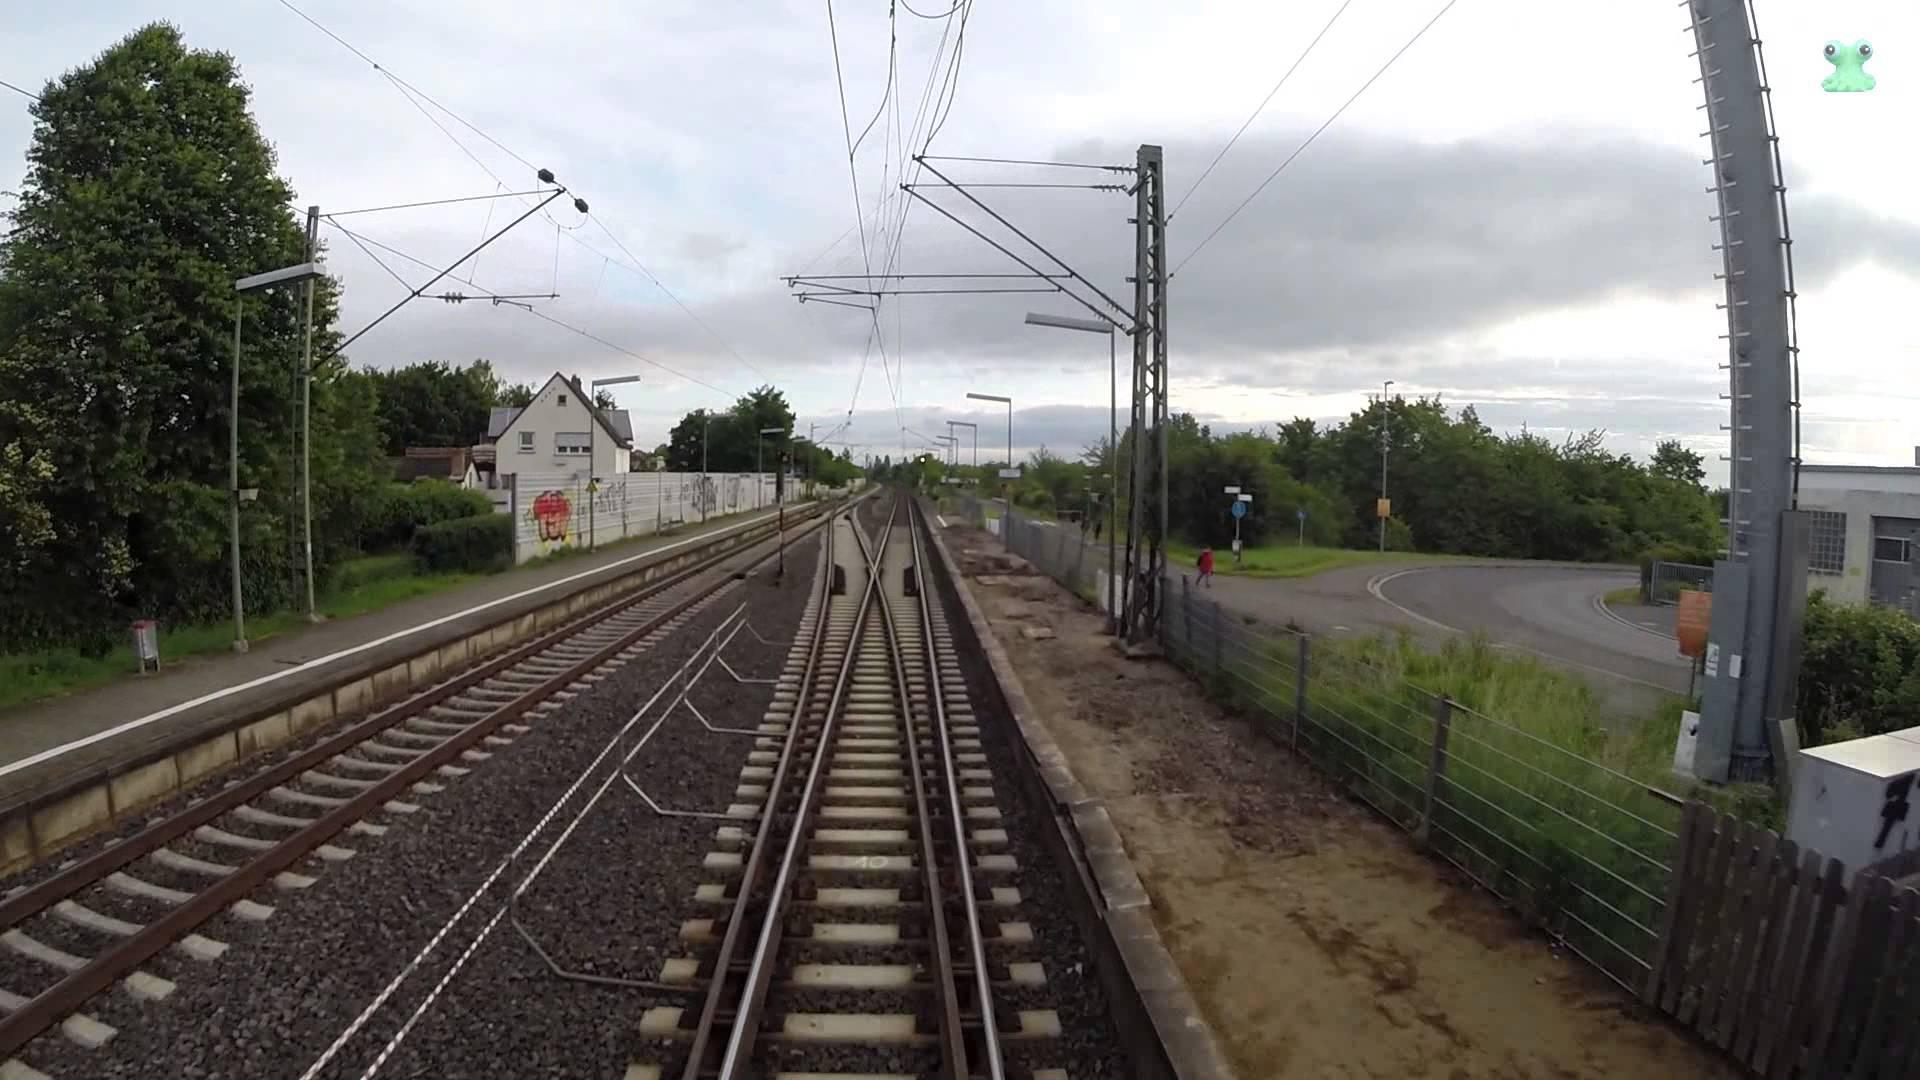 DB Bahn – Führerstandsmitfahrt Nr. 42 – Von Worms über Osthofen nach Mainz Hbf auf dem Dach – GoPro